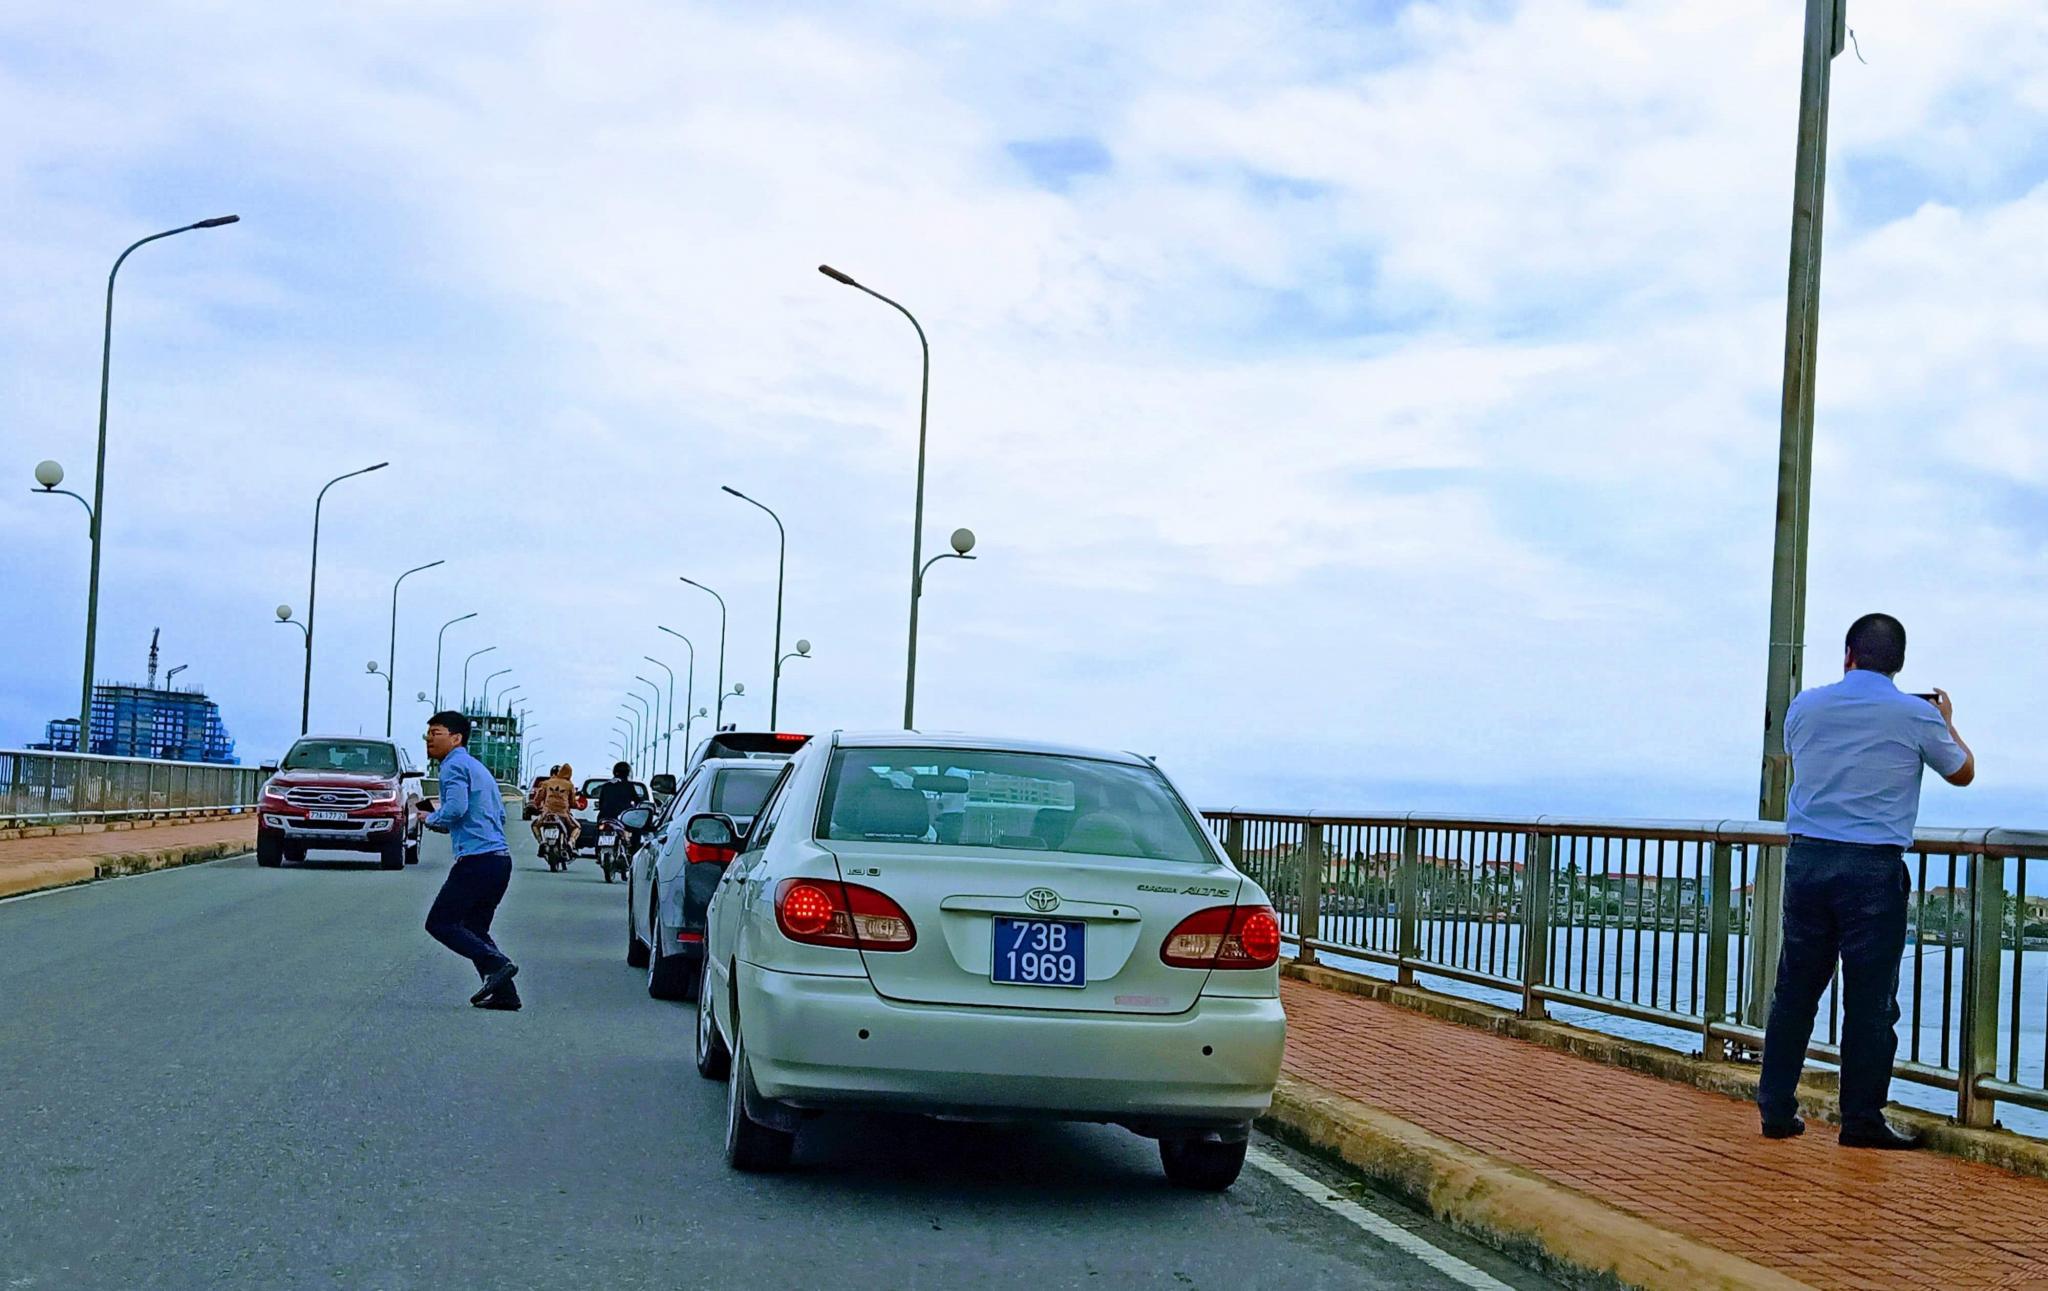 4 tài xế bị phạt nguội khi dừng đỗ trên cầu Nhật Lệ 1